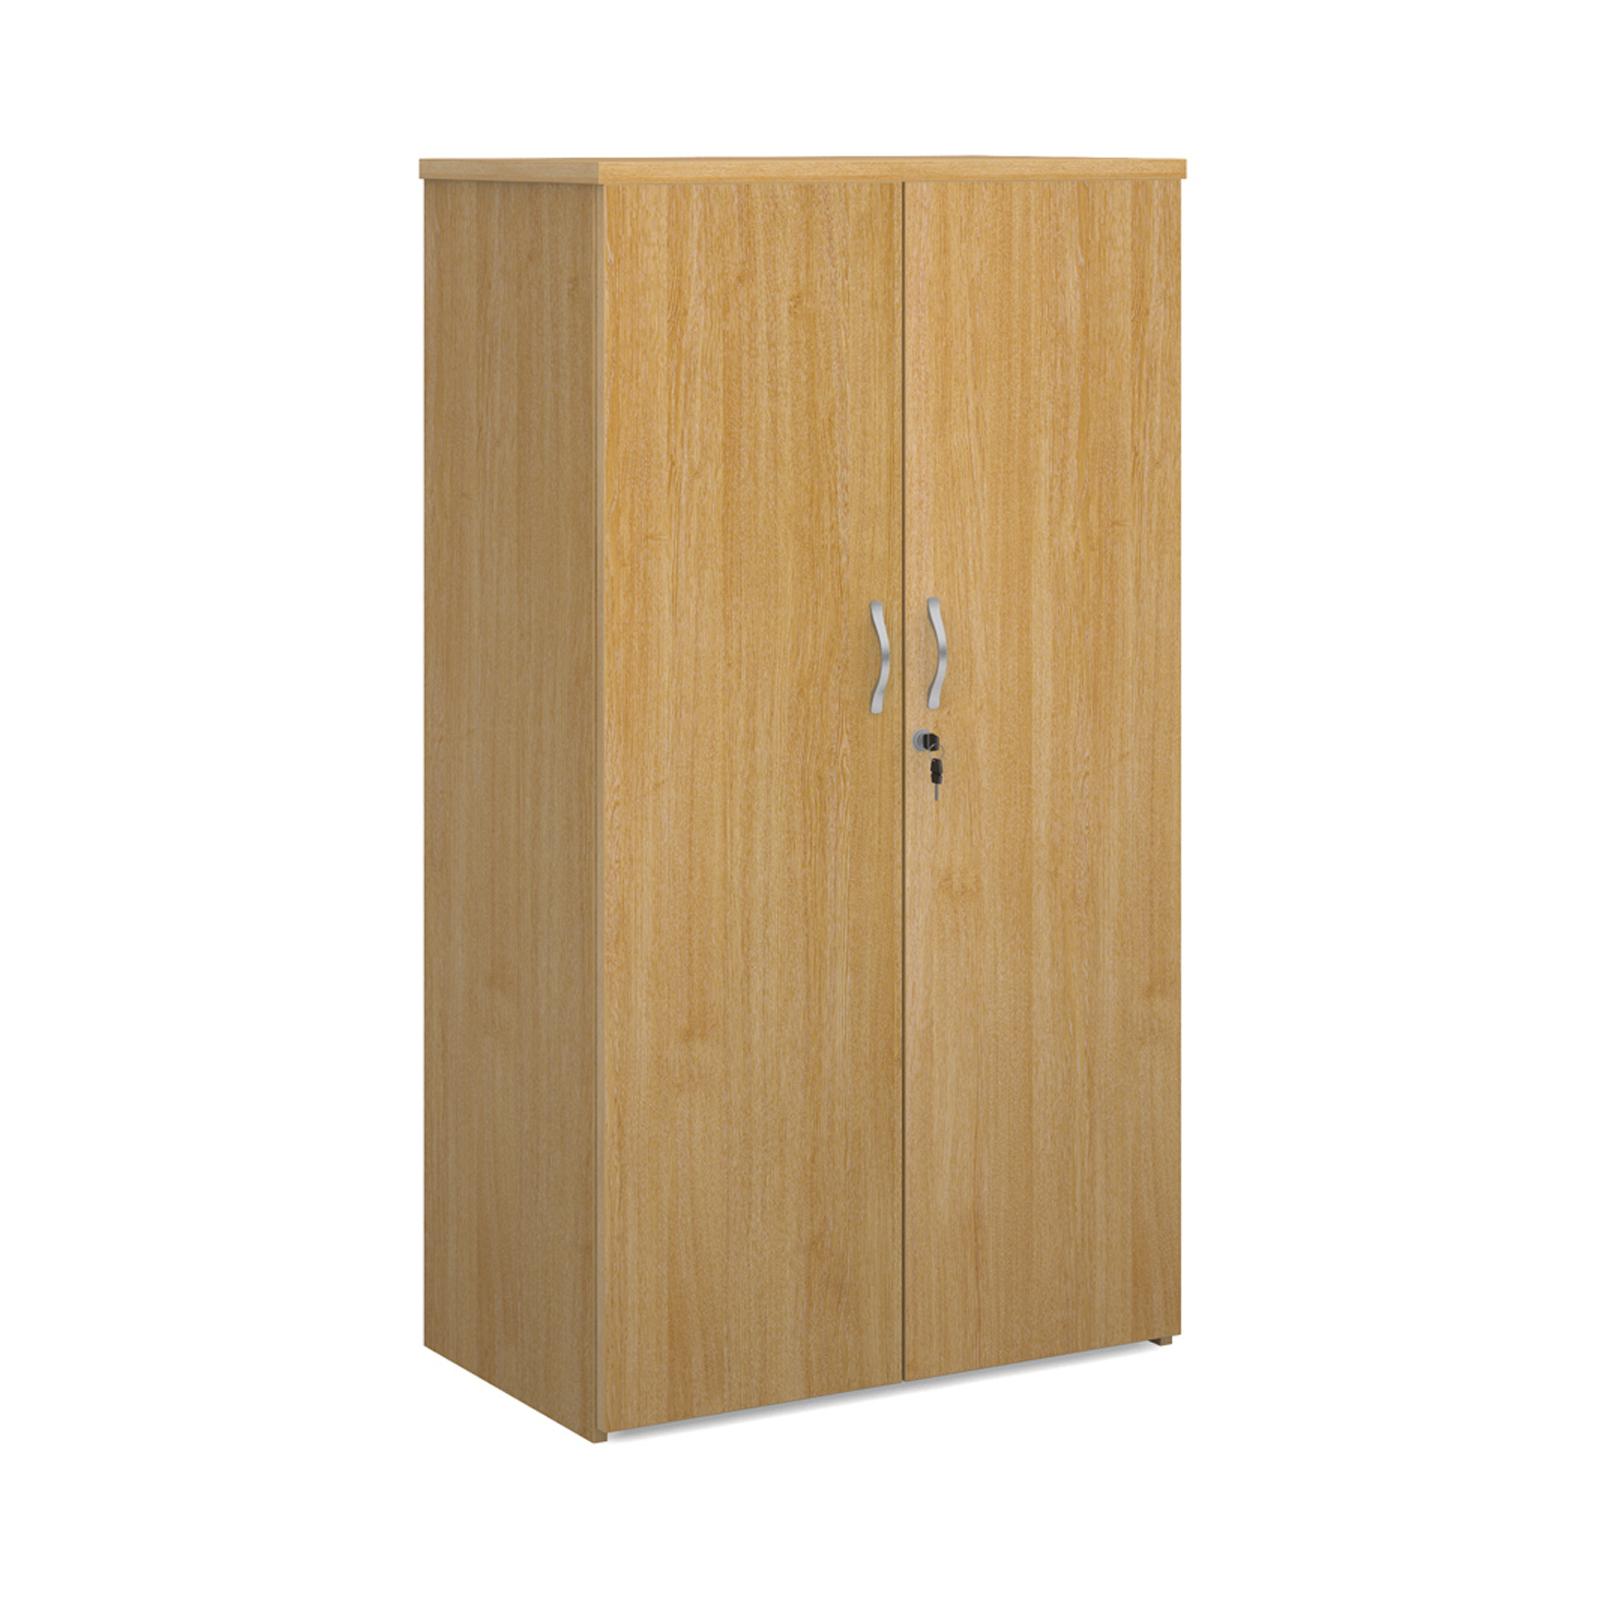 Over 1200mm High Universal double door cupboard 1440mm high with 3 shelves - oak